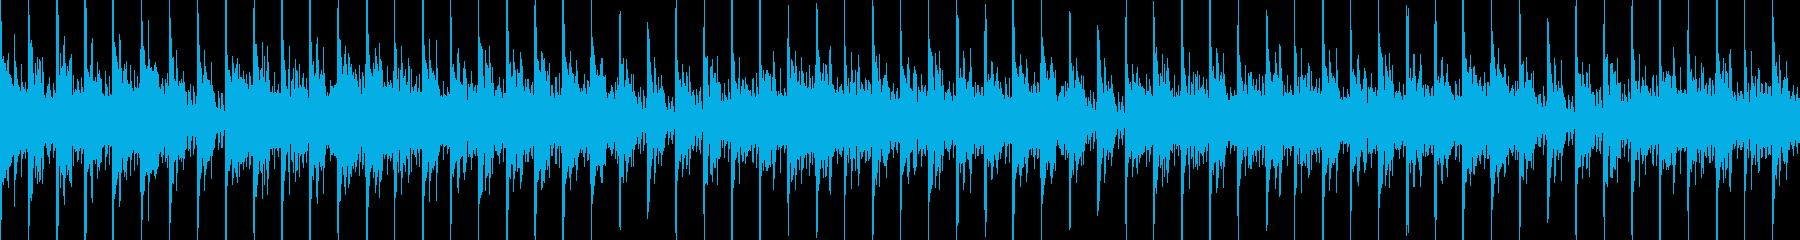 お菓子の楽しいCM曲 30秒ぴったりの再生済みの波形